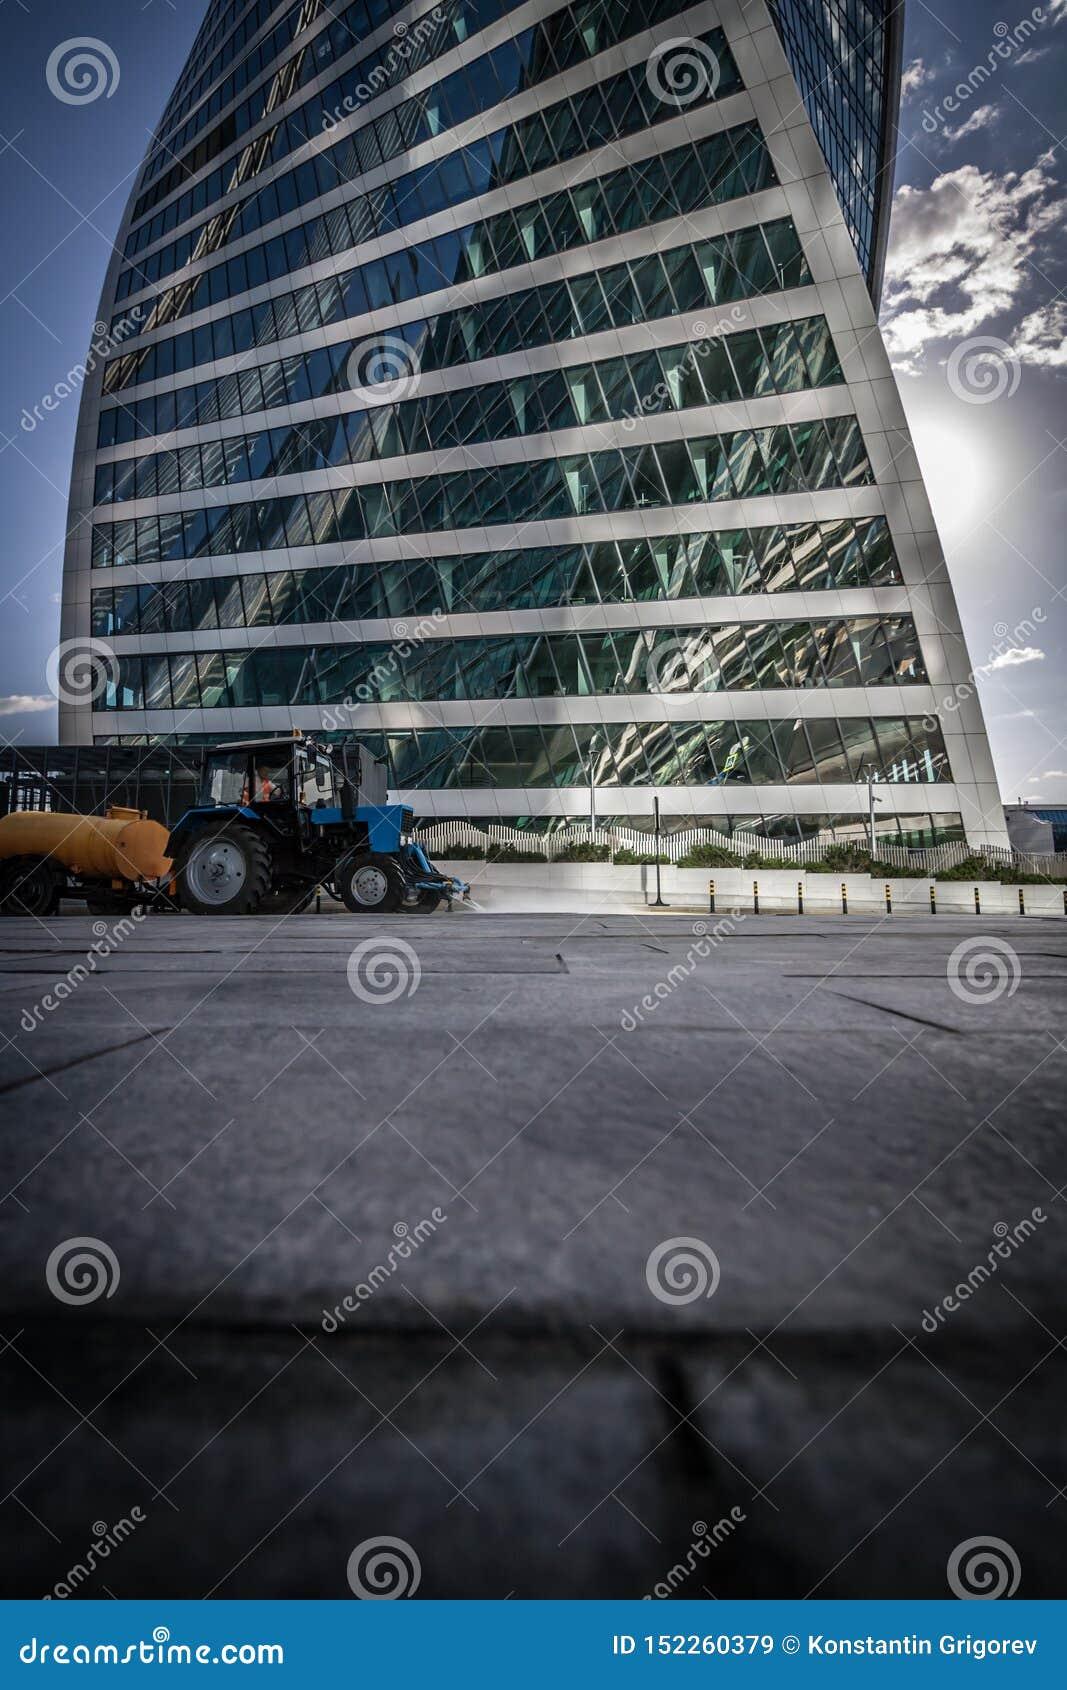 Tractorritten op de weg tegen een wolkenkrabber